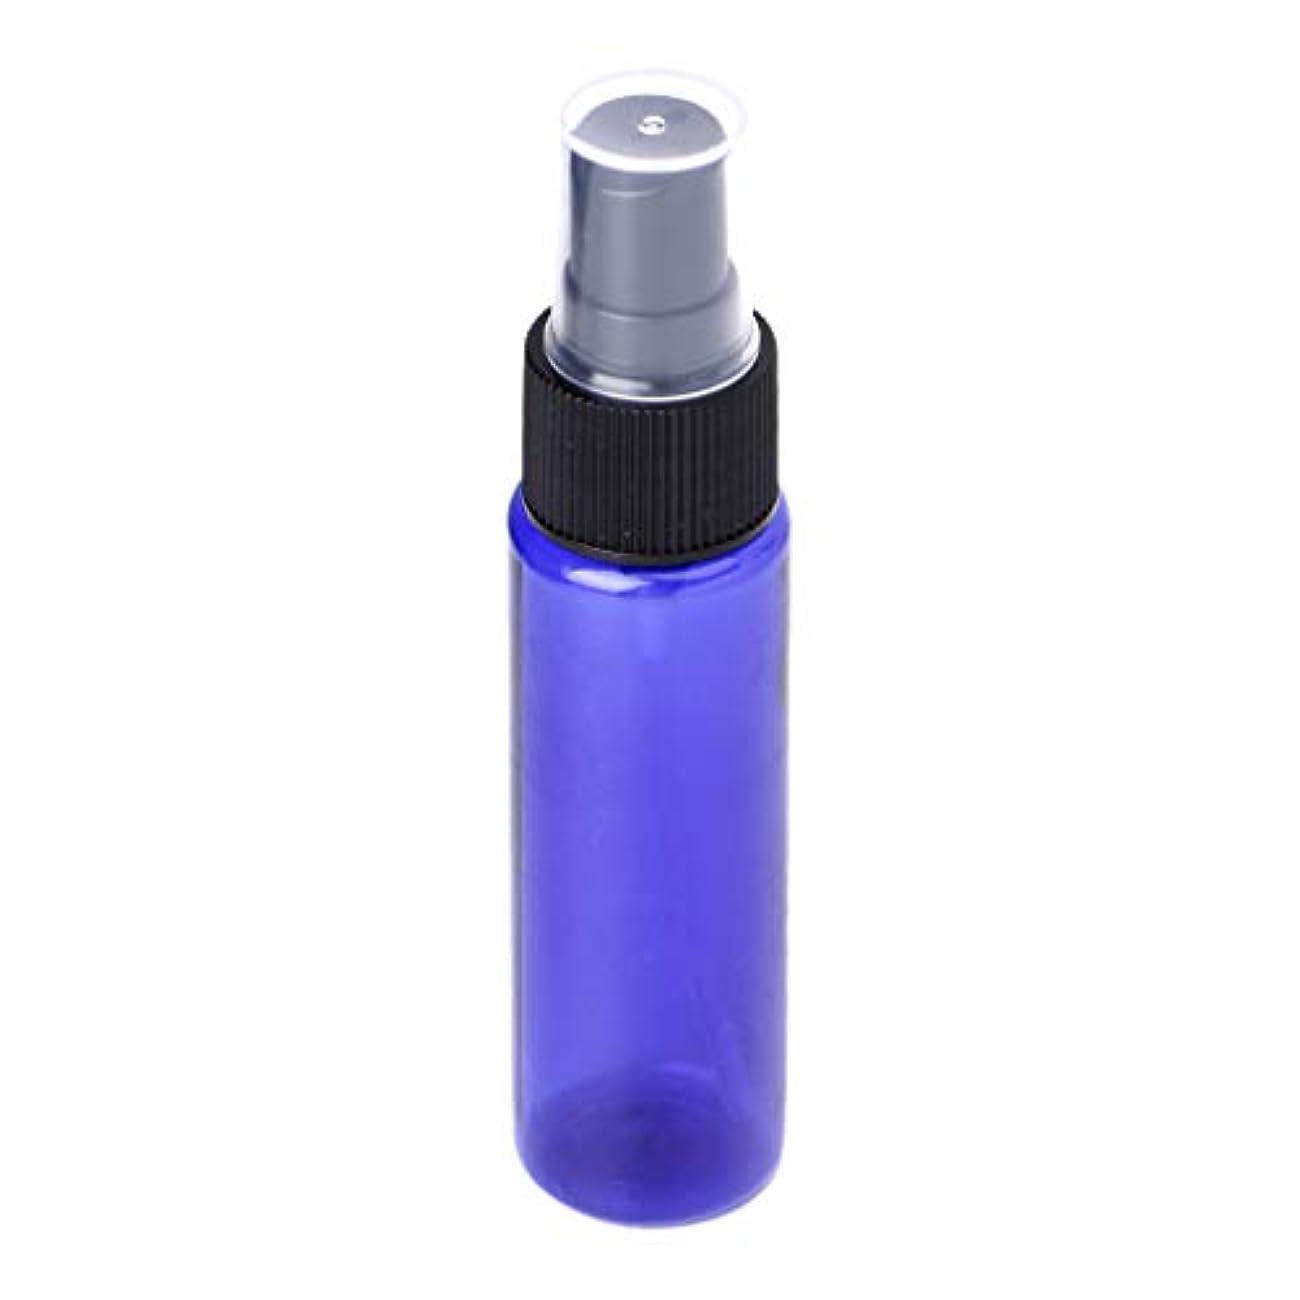 シーンギャラントリー返済Dabixx ミニスプレー詰め替えプレスアトマイザー香水スプレートラベルボトル30ミリリットル - 2#